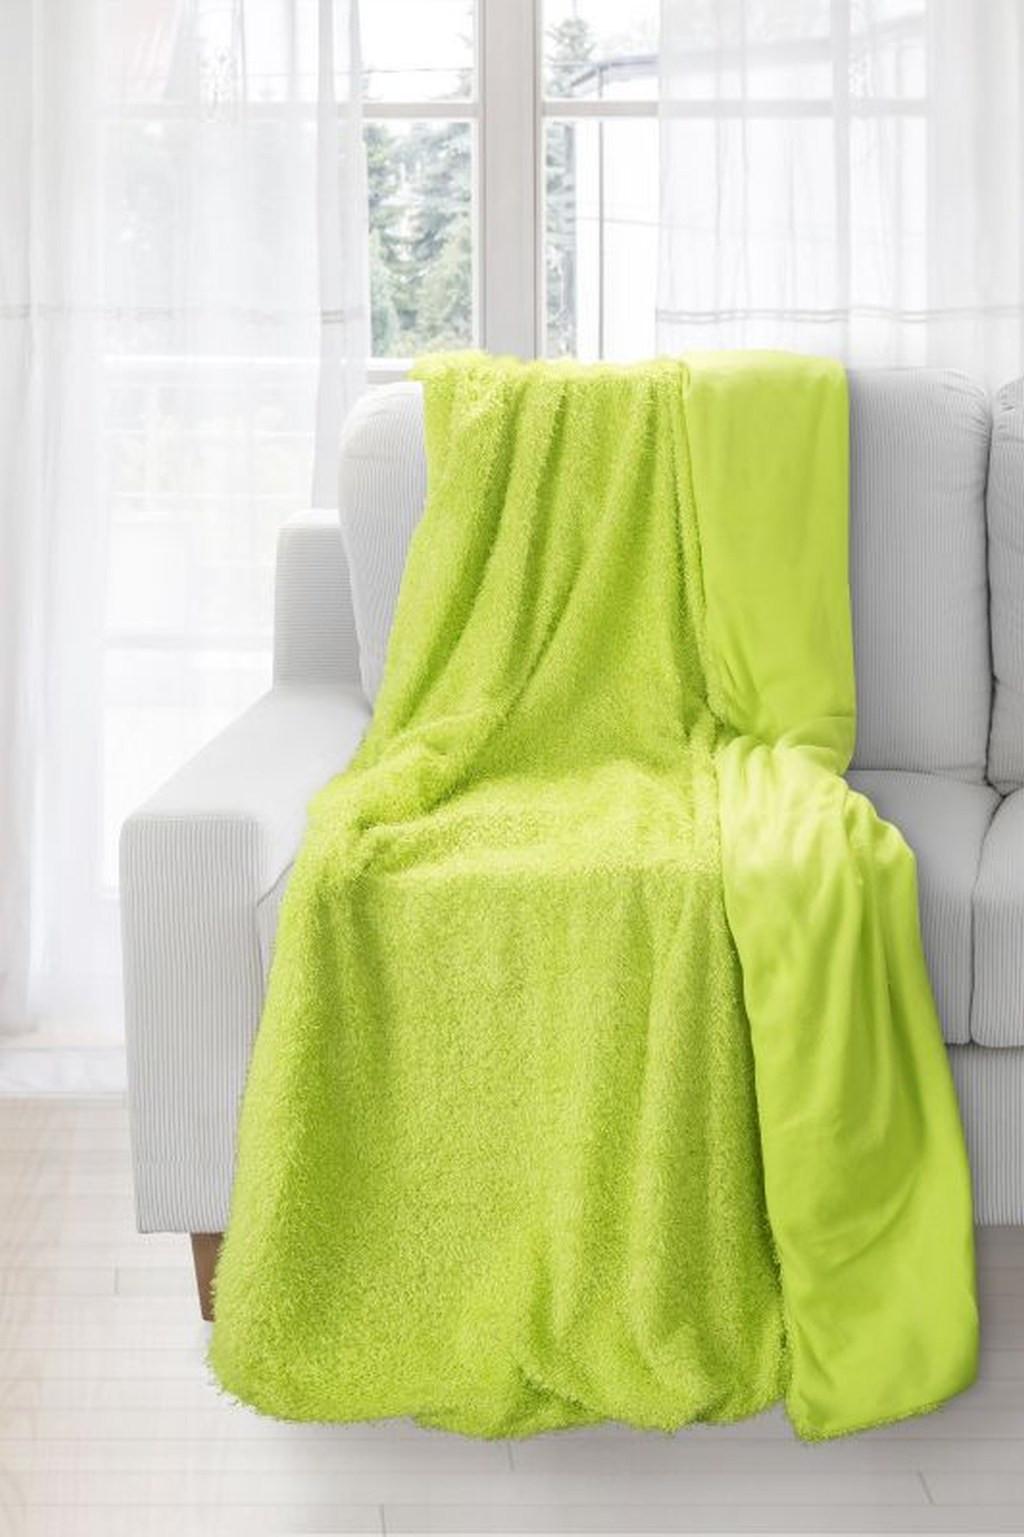 Moderná teplá zelená deka do obývačky Šírka: 70 cm. dł. 150 cm